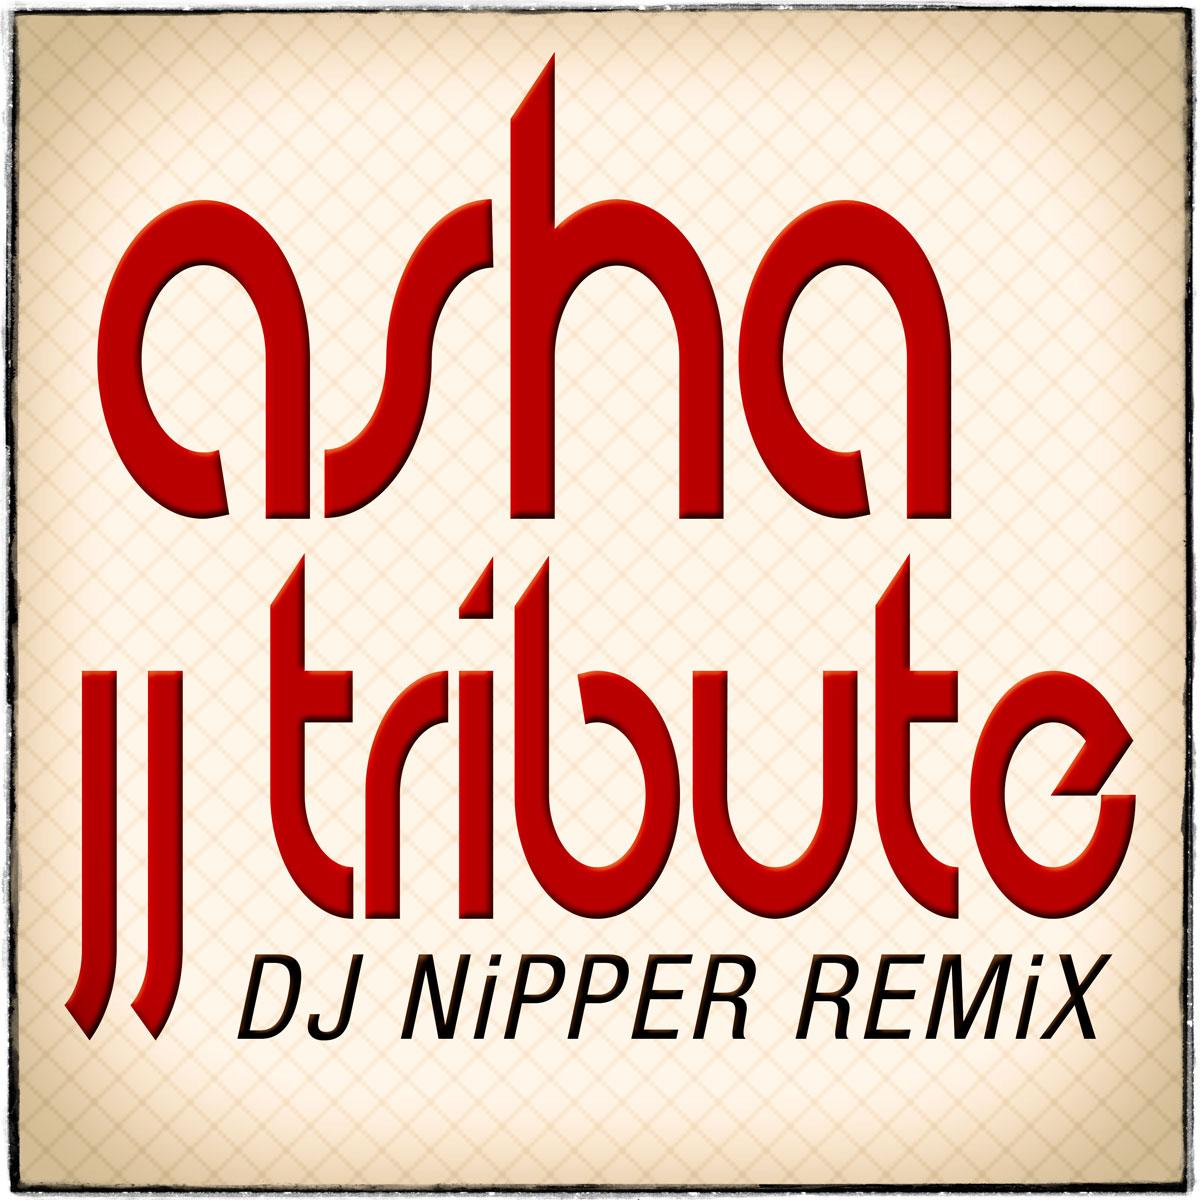 JJ-Tribute-(DJ-Nipper-Remix)1200